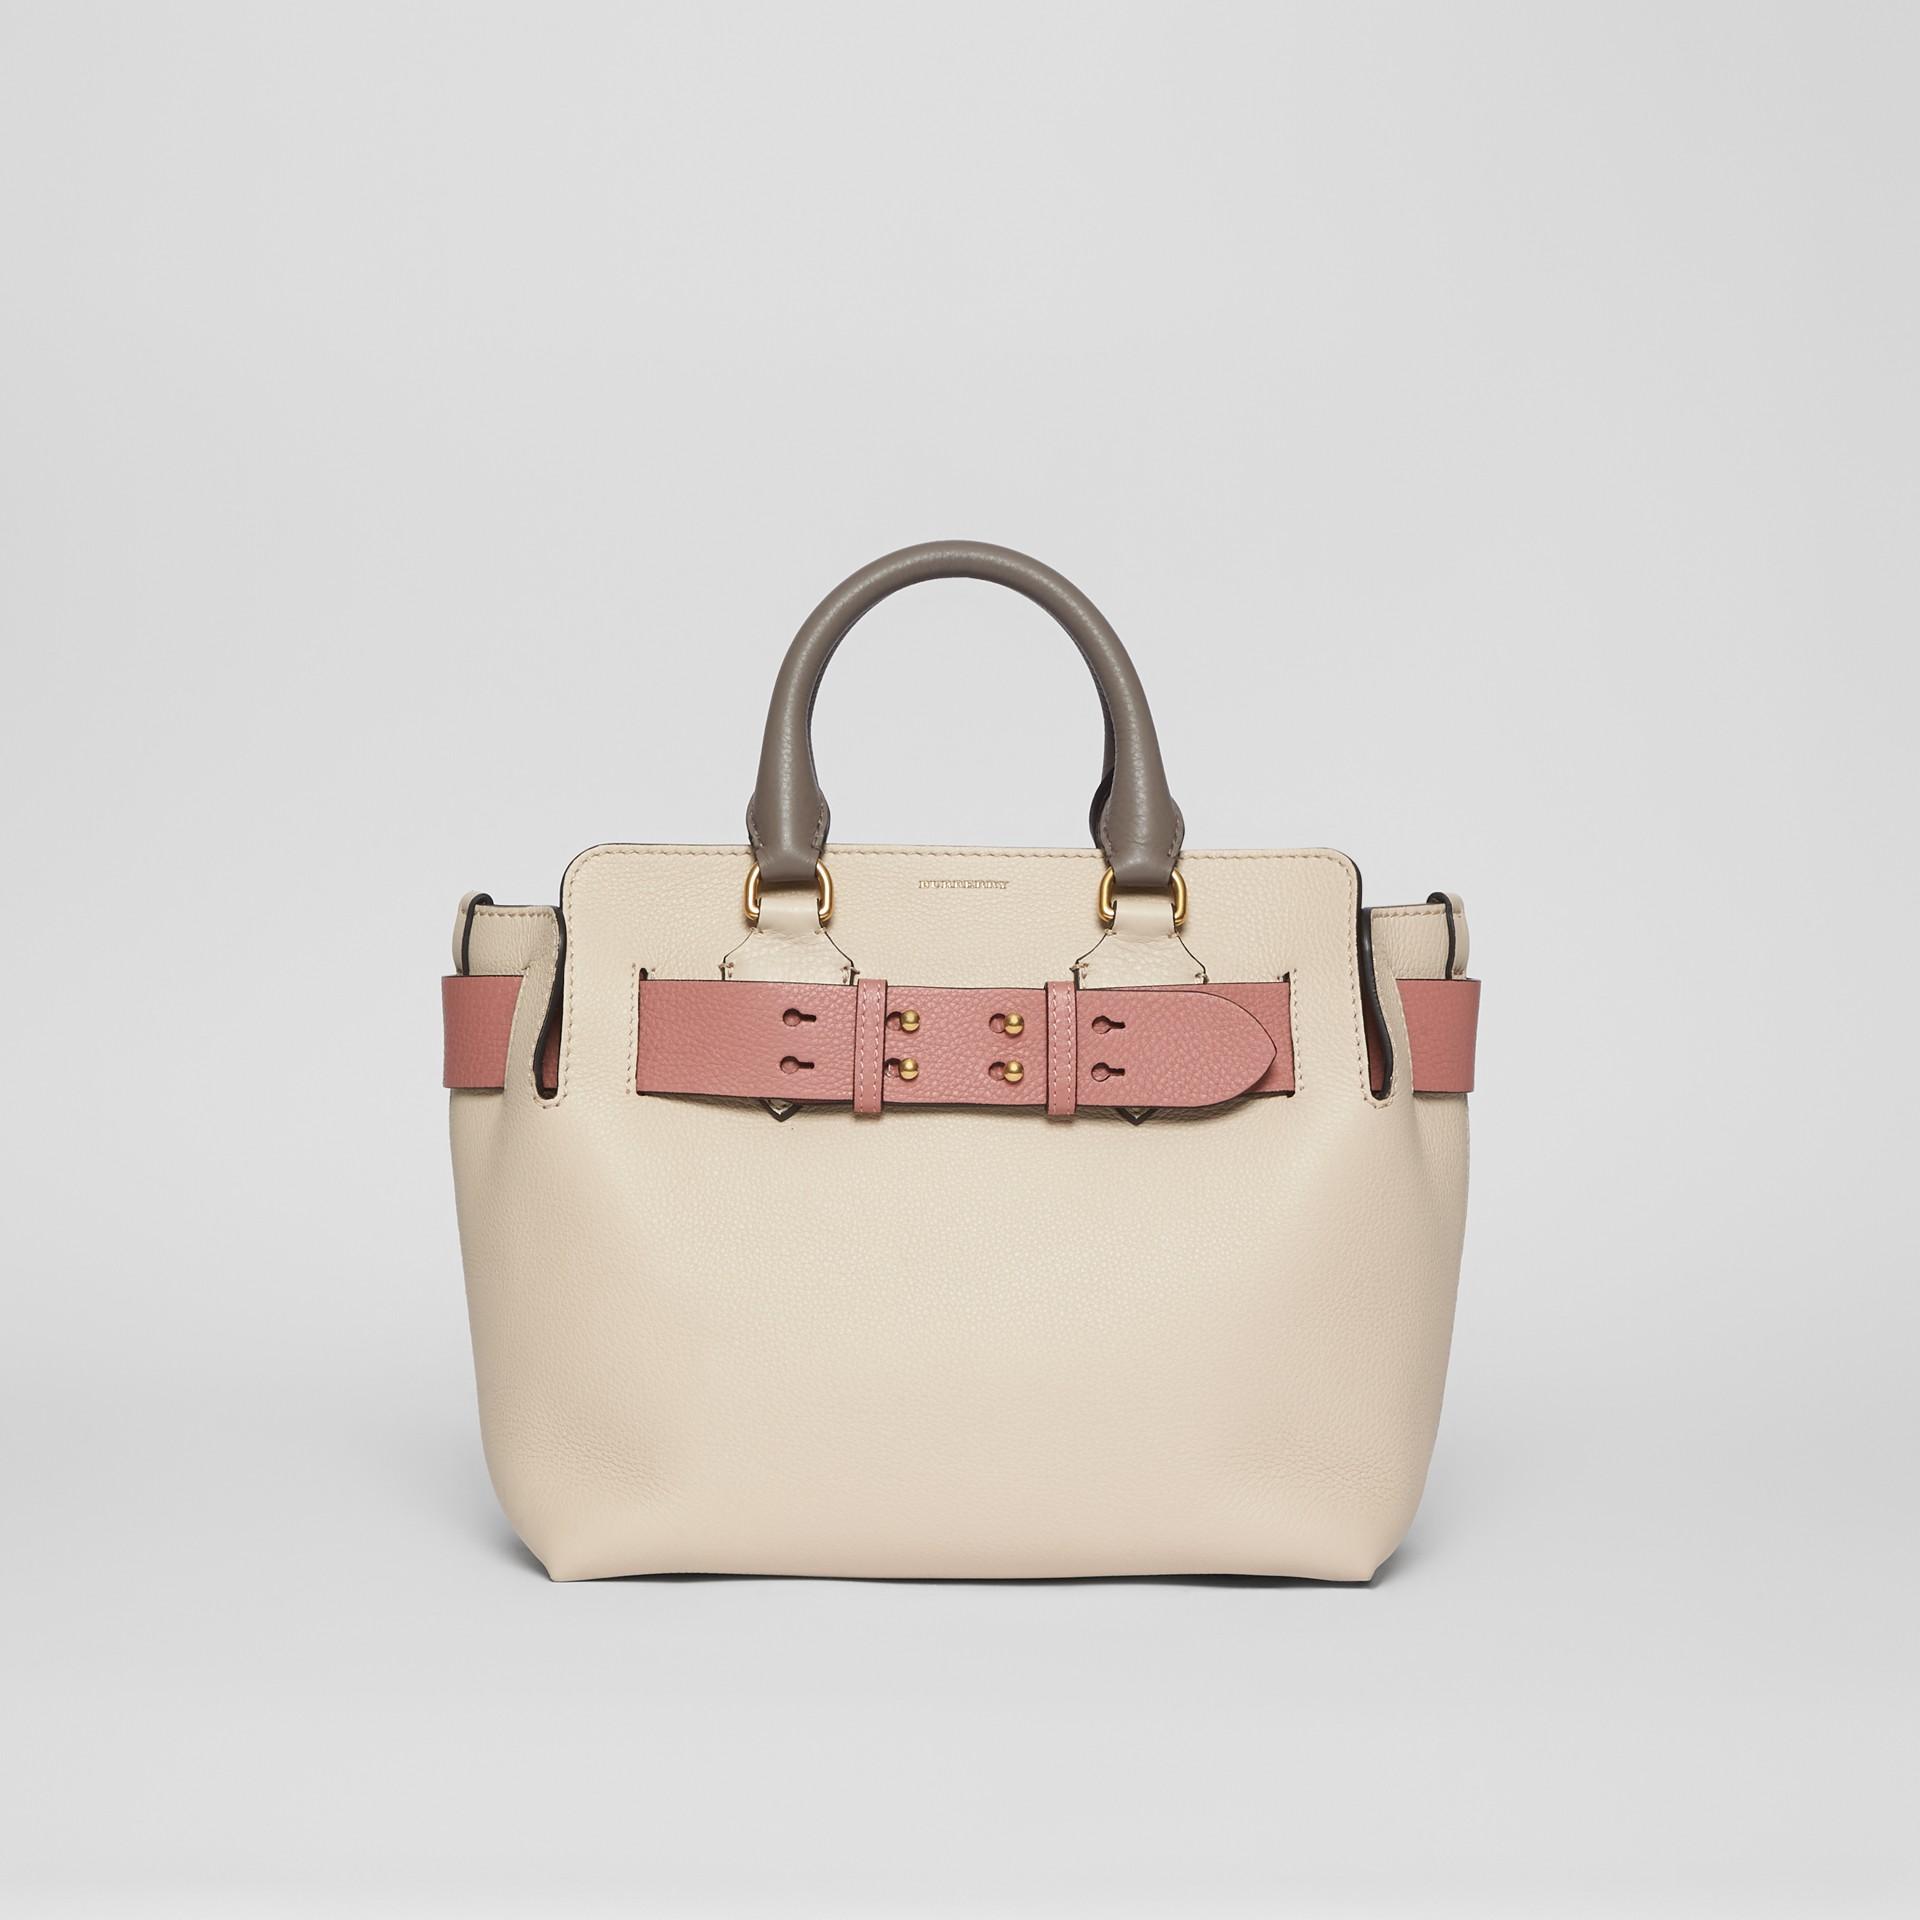 Petit sac TheBelt en cuir tricolore (Calcaire/rose Cendré) - Femme | Burberry - photo de la galerie 0